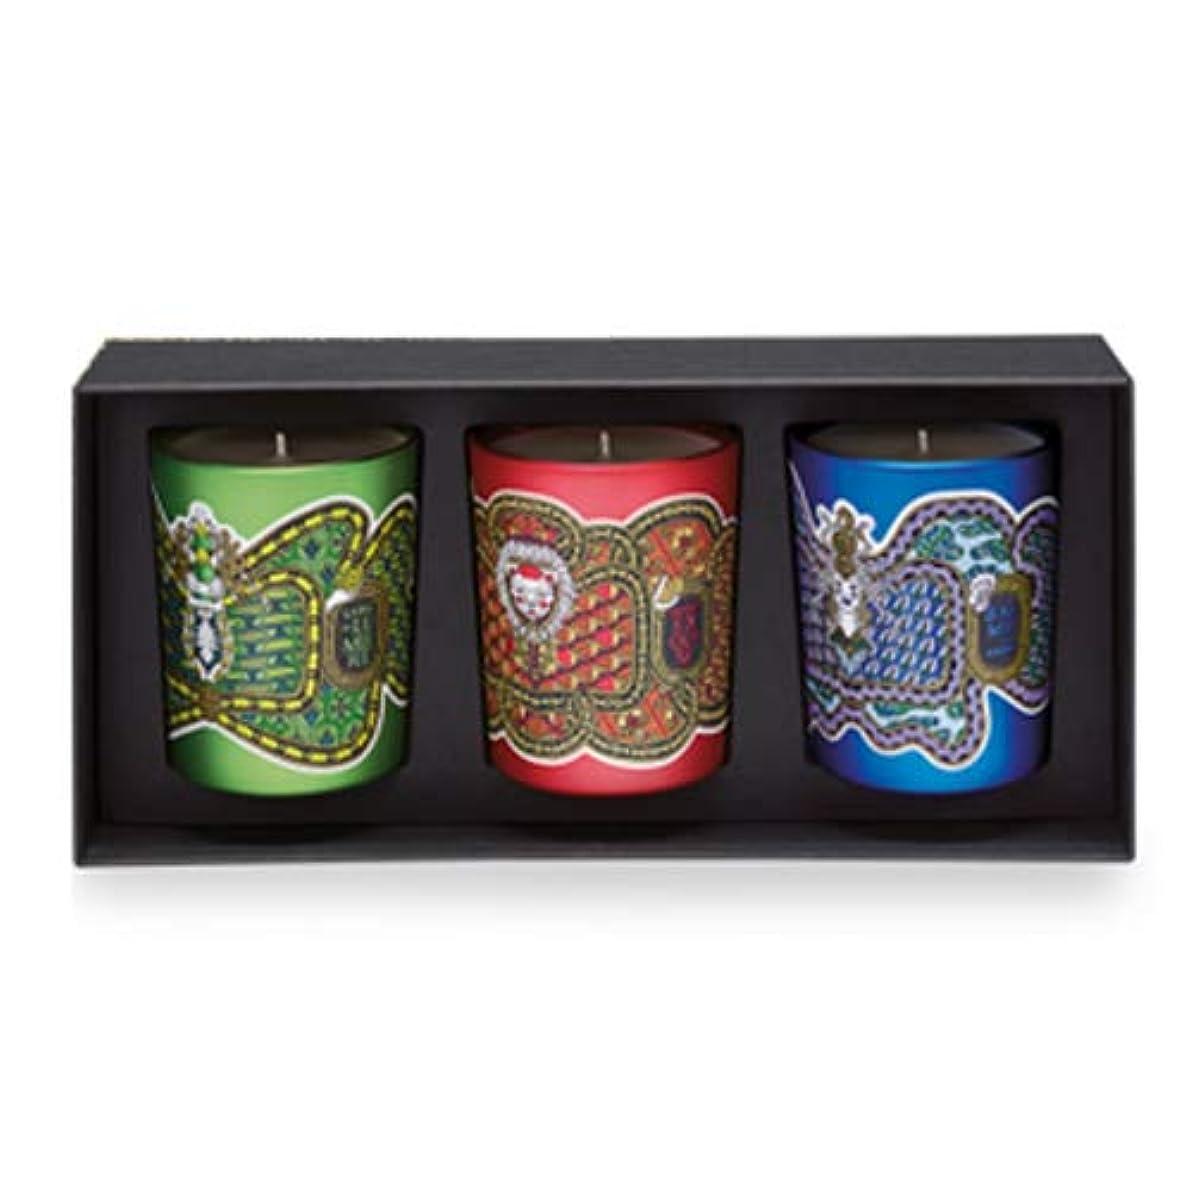 回るスピーチ多くの危険がある状況ディプティック フレグランス キャンドル コフレ 3種類の香り 190g×3 DIPTYQUE LEGENDE DU NORD SCENTED HOLIDAY 3 CANDLE SET [6586] [並行輸入品]